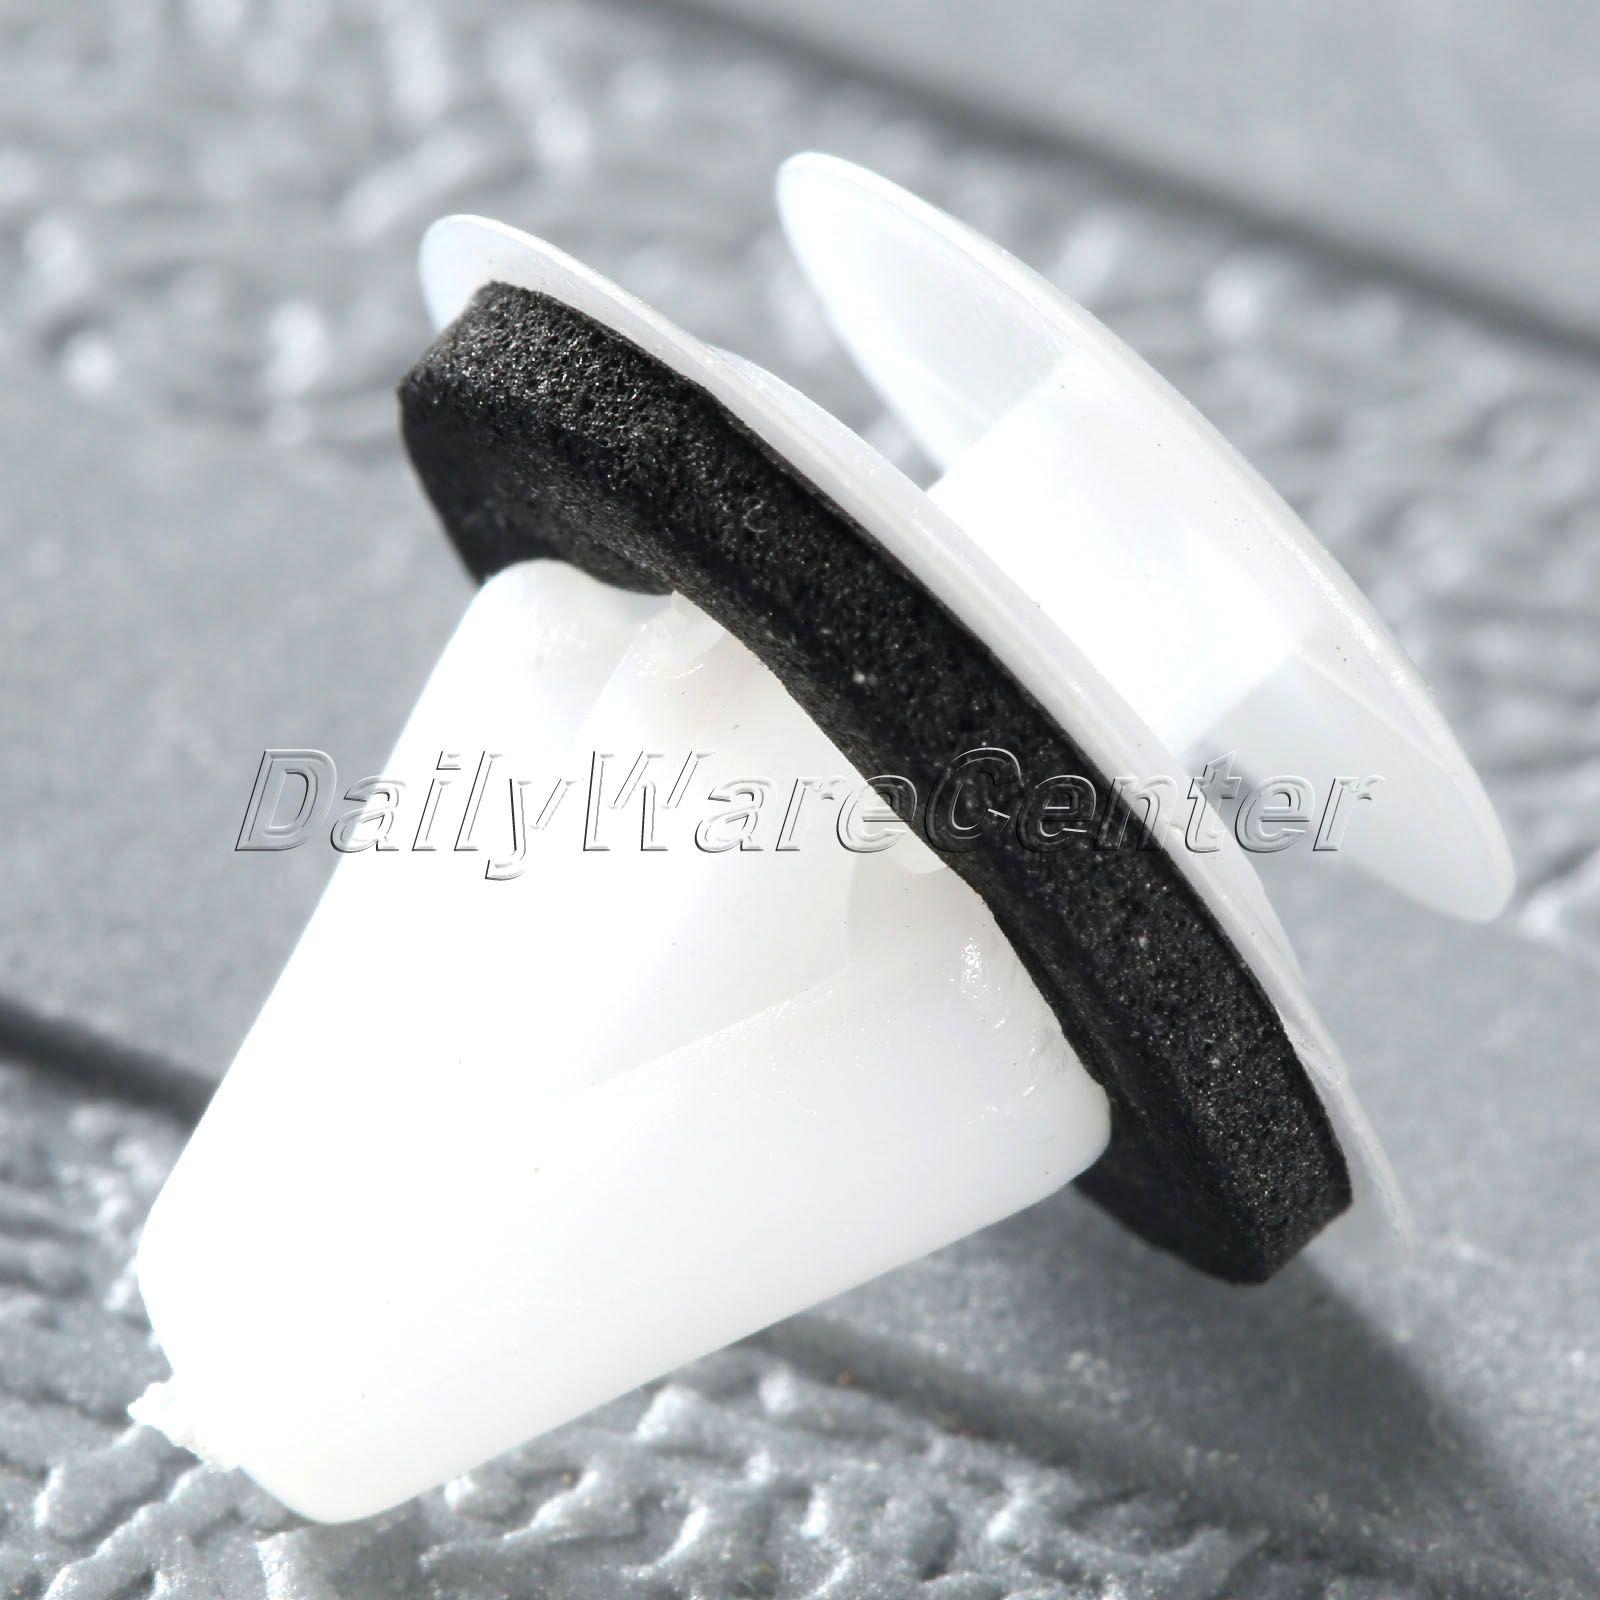 50X Mbërthendëse Side Fender Cliper Parakolp Clip 11.5mm Vrimë - Aksesorë të brendshëm të makinave - Foto 5